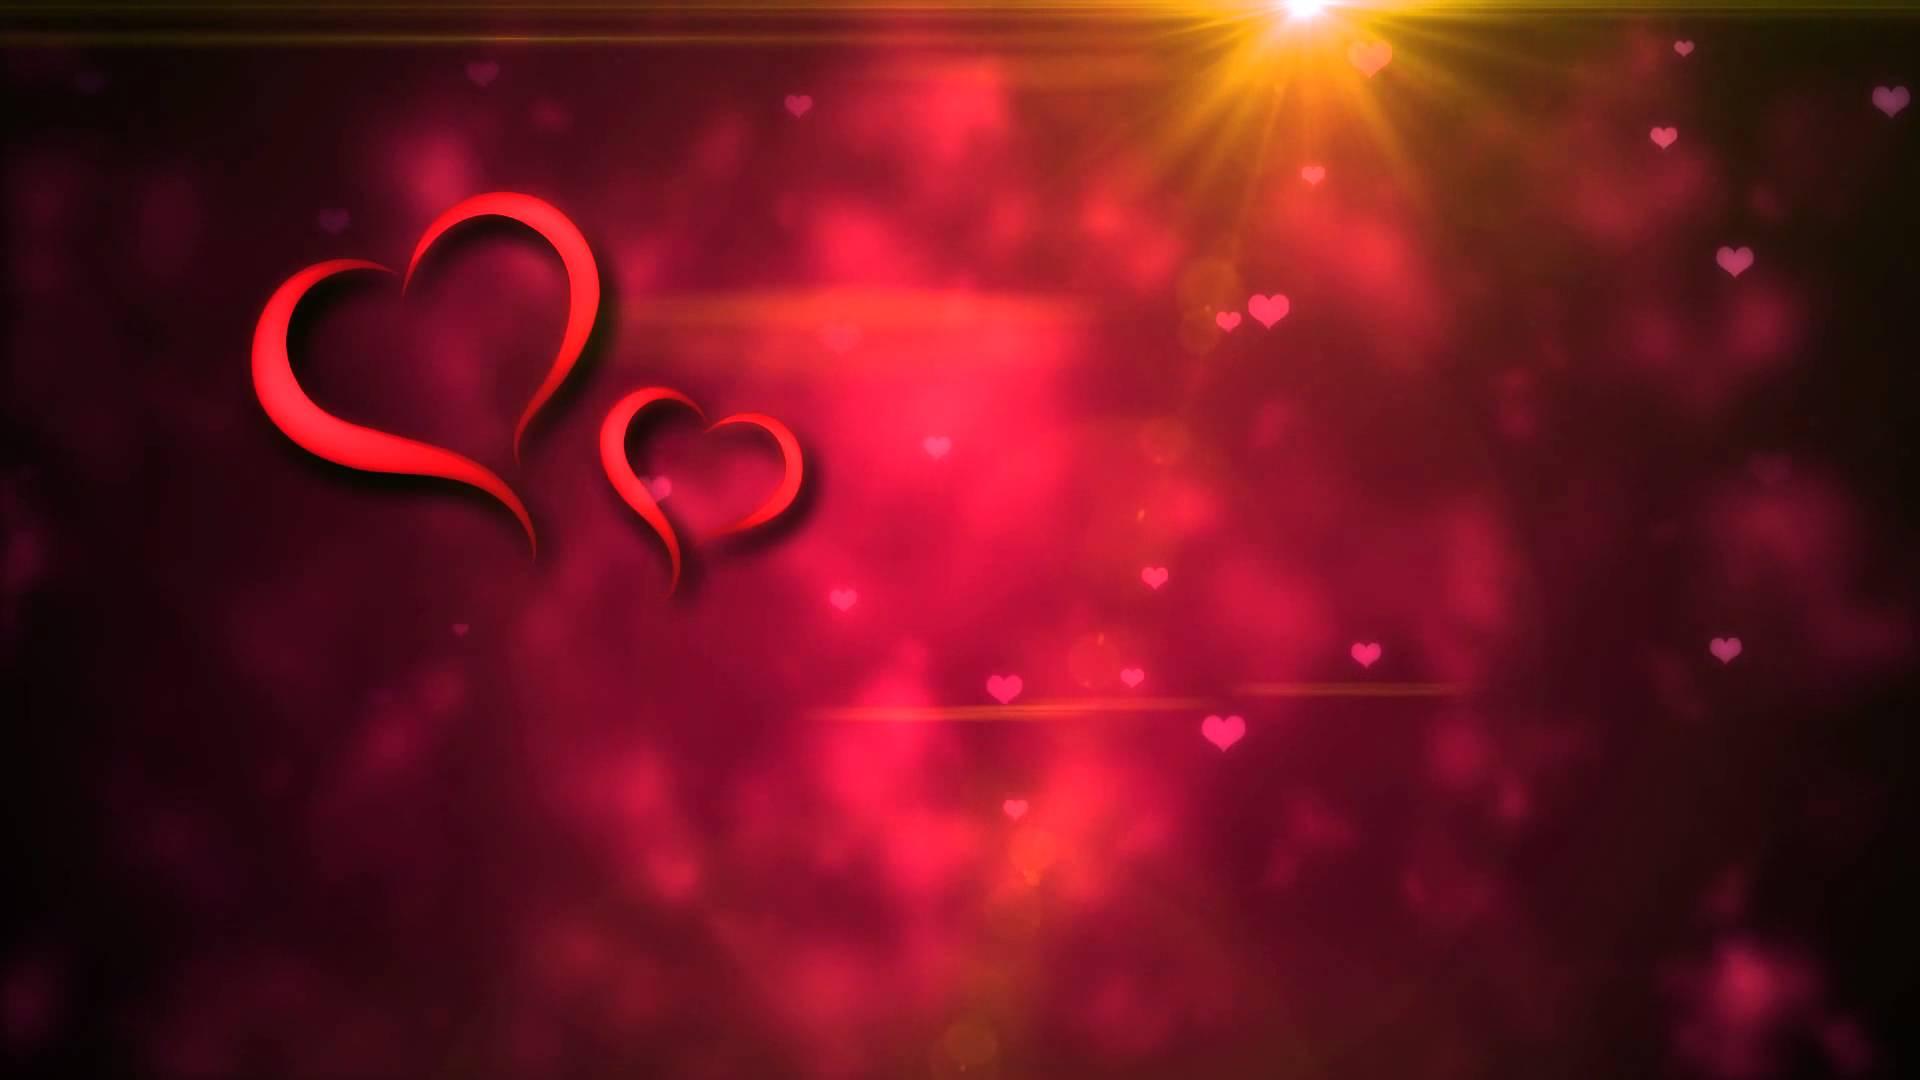 обои для рабочего стола любовь анимация № 446633 загрузить